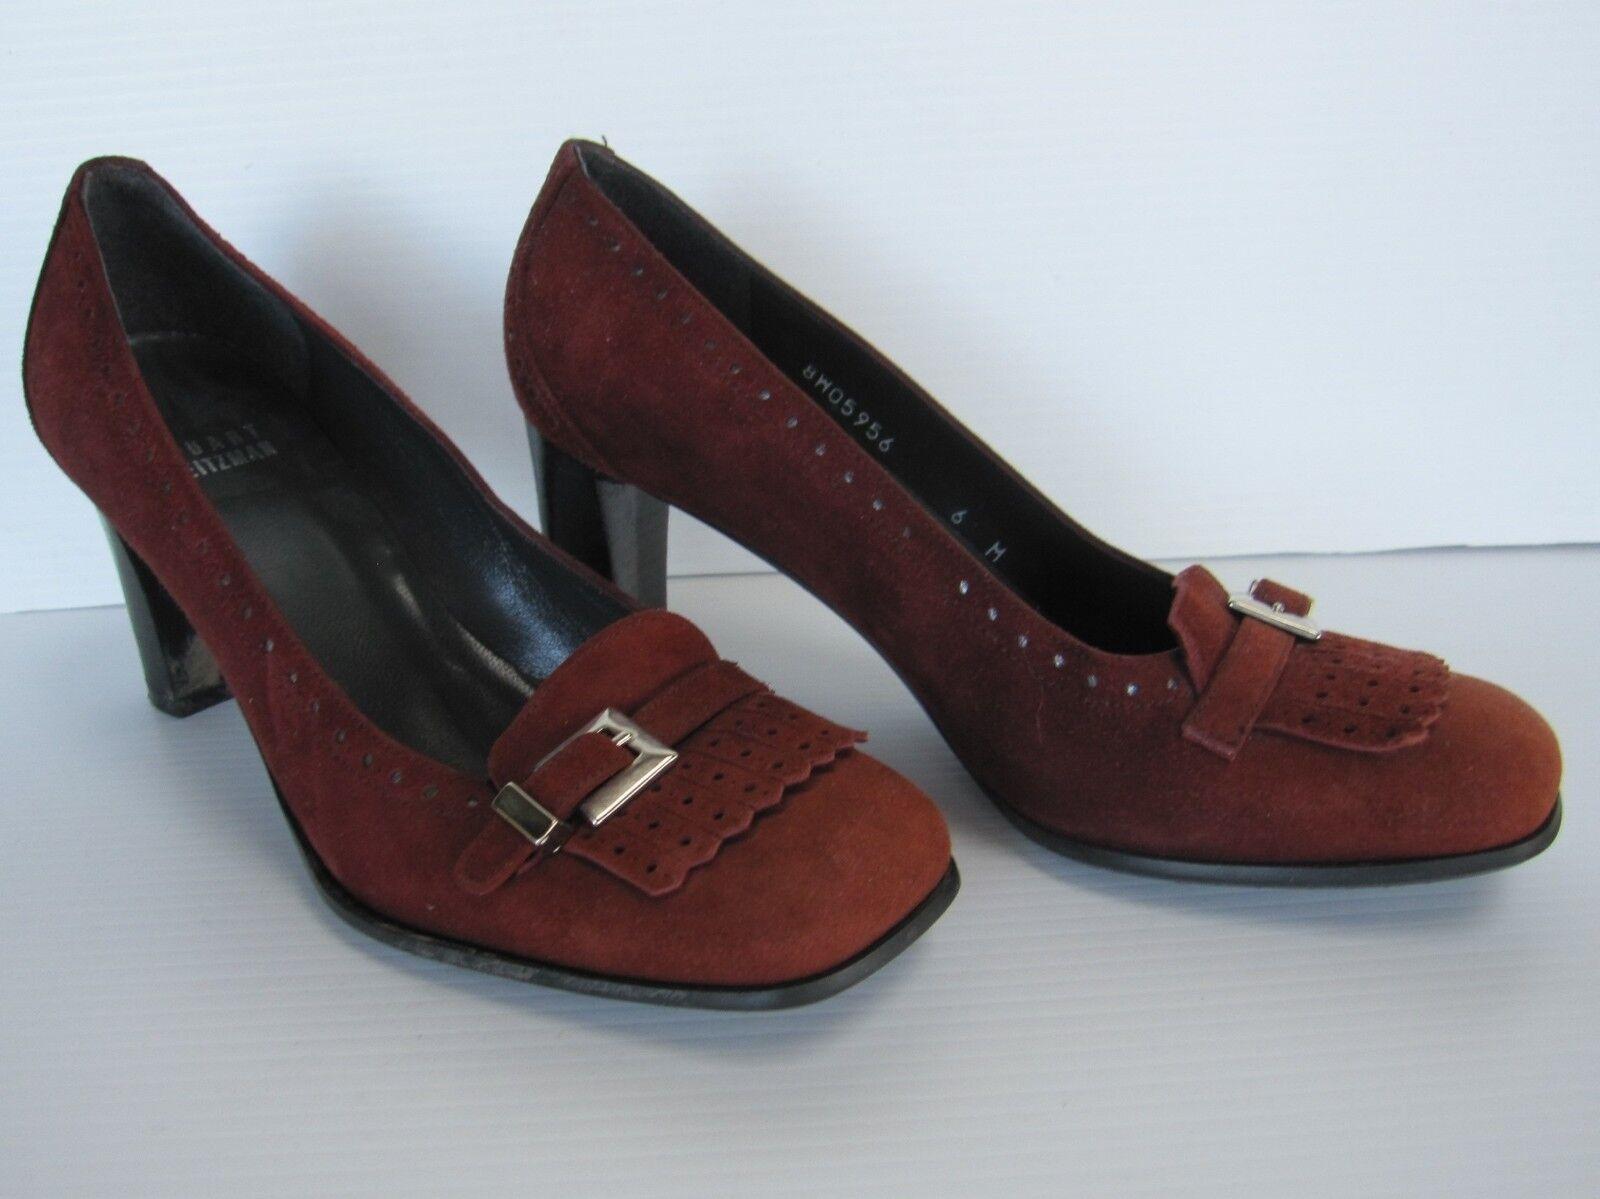 Stuart Weitzman Woman Suede Suede Woman Schuhes Heels Pumps Slip on Größe 6 M Braun 06626f